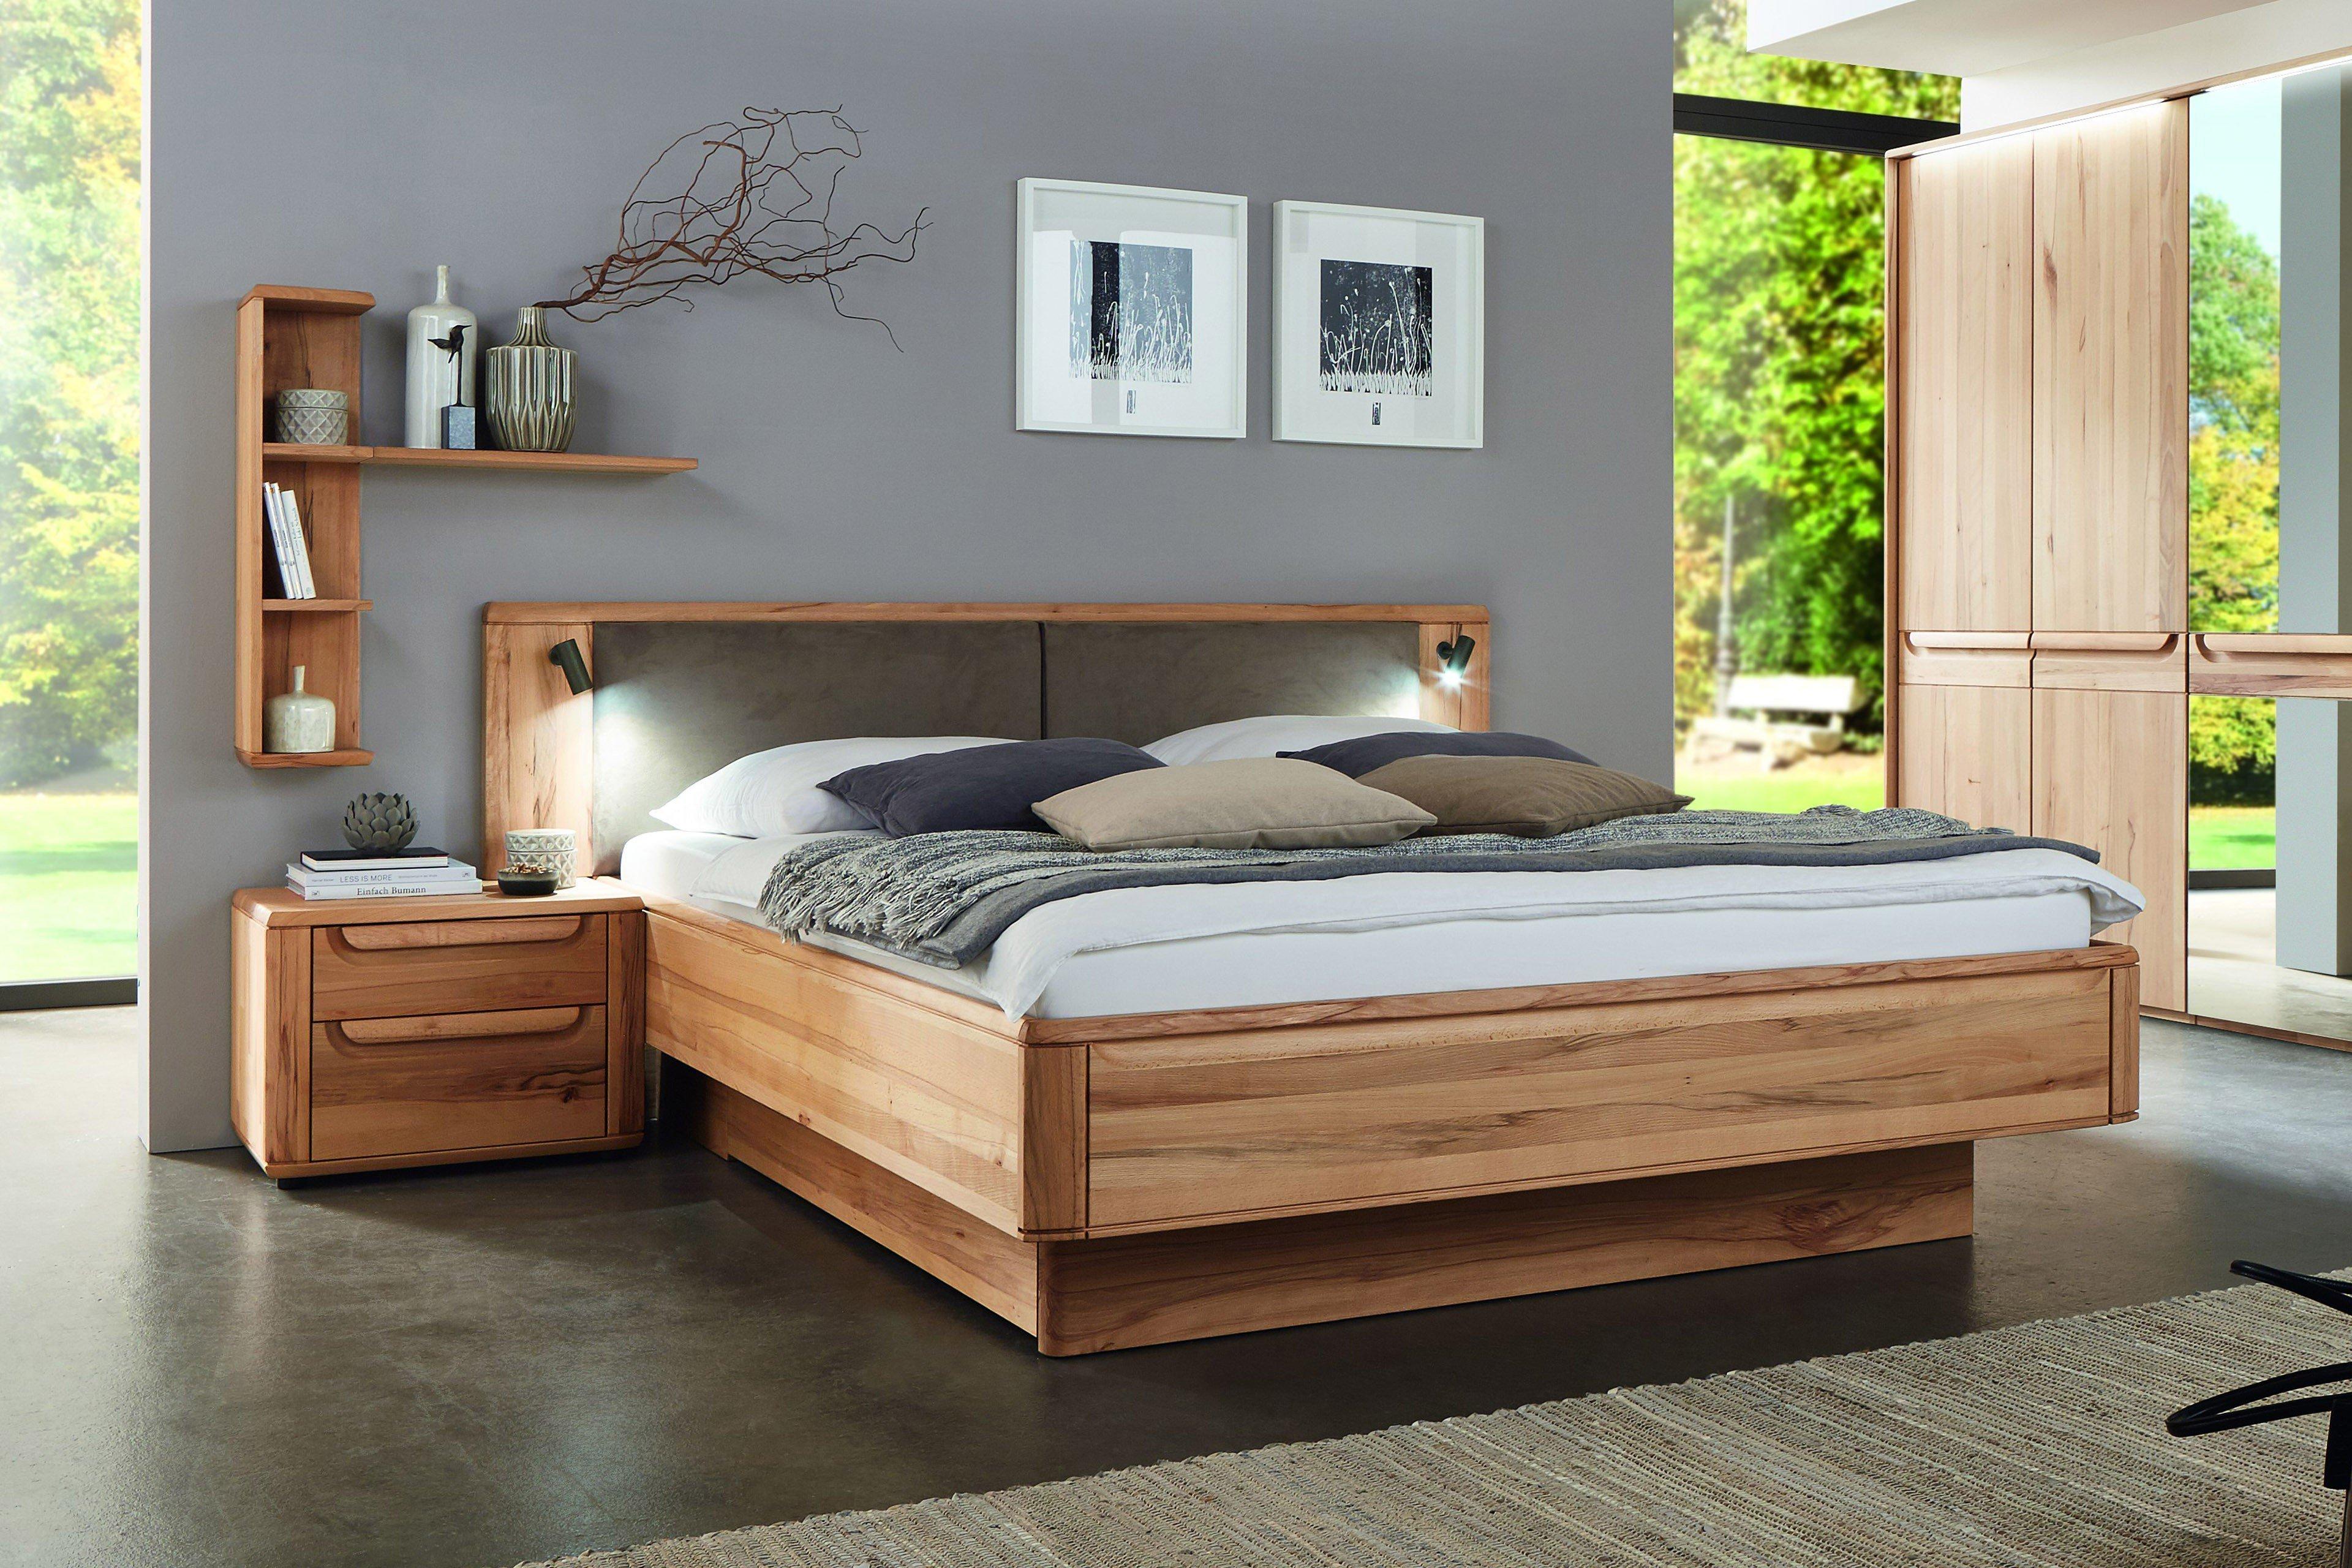 schlafzimmer set wsm 2300 w stmann kernbuche ge lt m bel letz ihr online shop. Black Bedroom Furniture Sets. Home Design Ideas